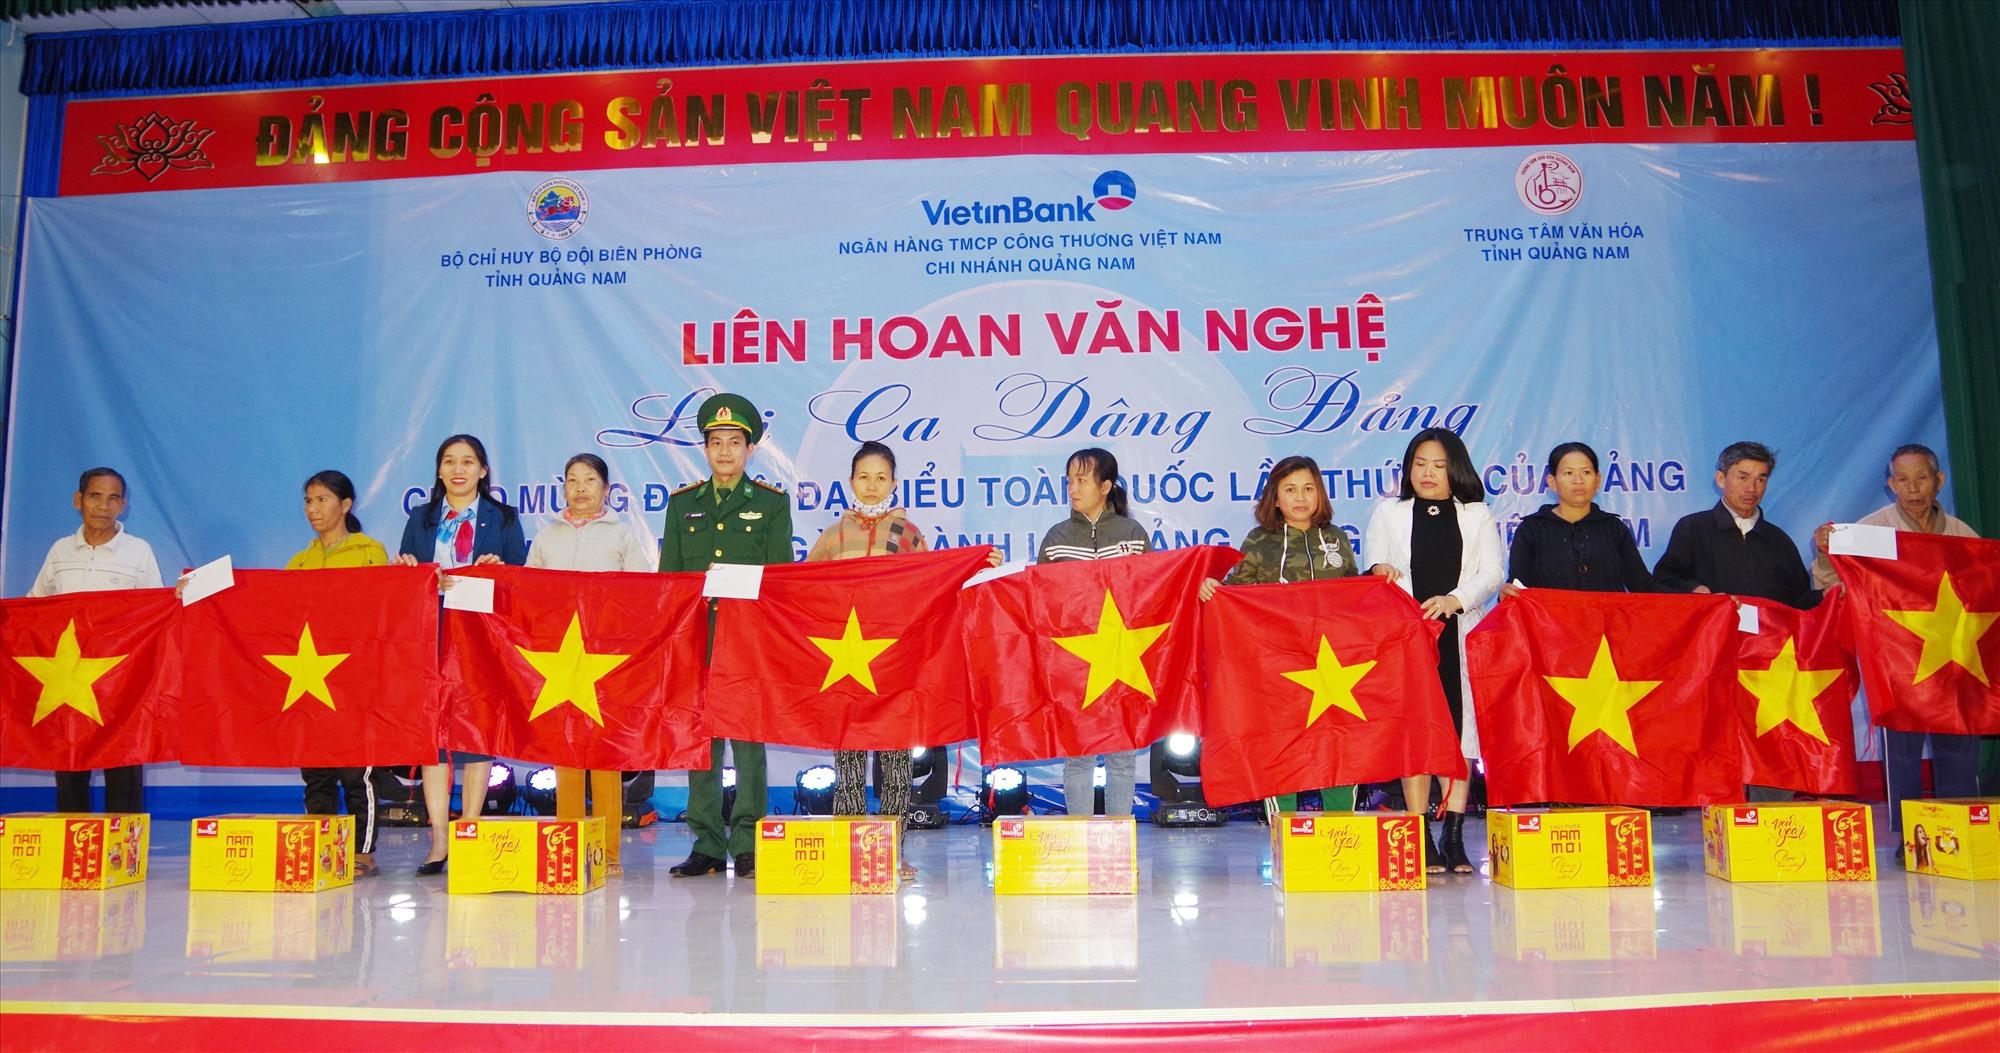 Tặng cờ tổ quốc, quà tết cho nhân dân xã Bình Minh. Ảnh: HỒNG ANH